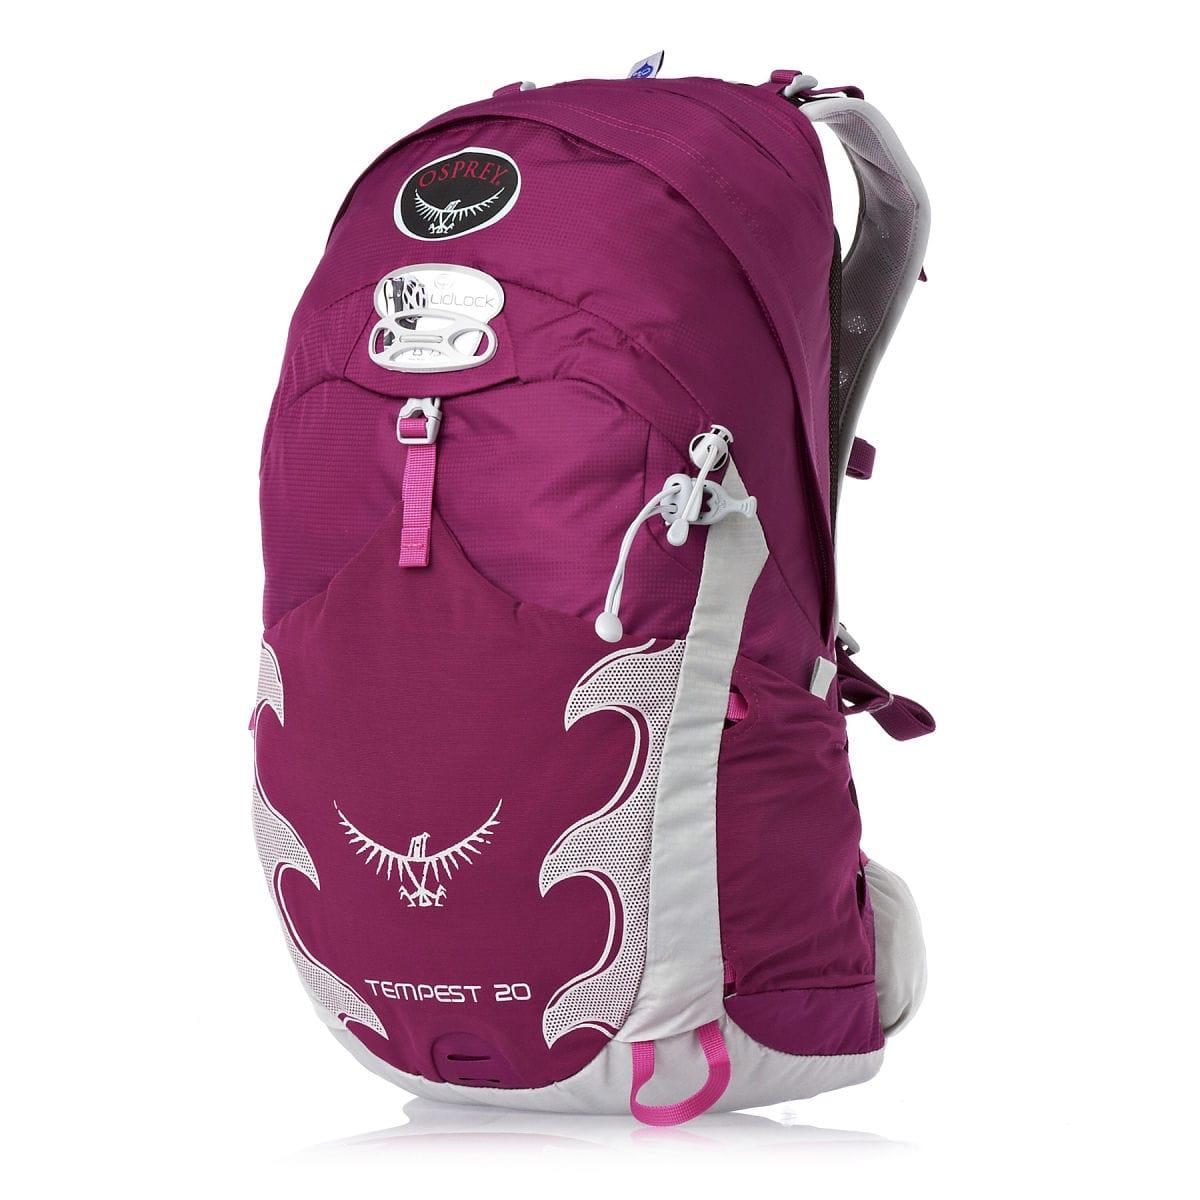 Osprey Daypack